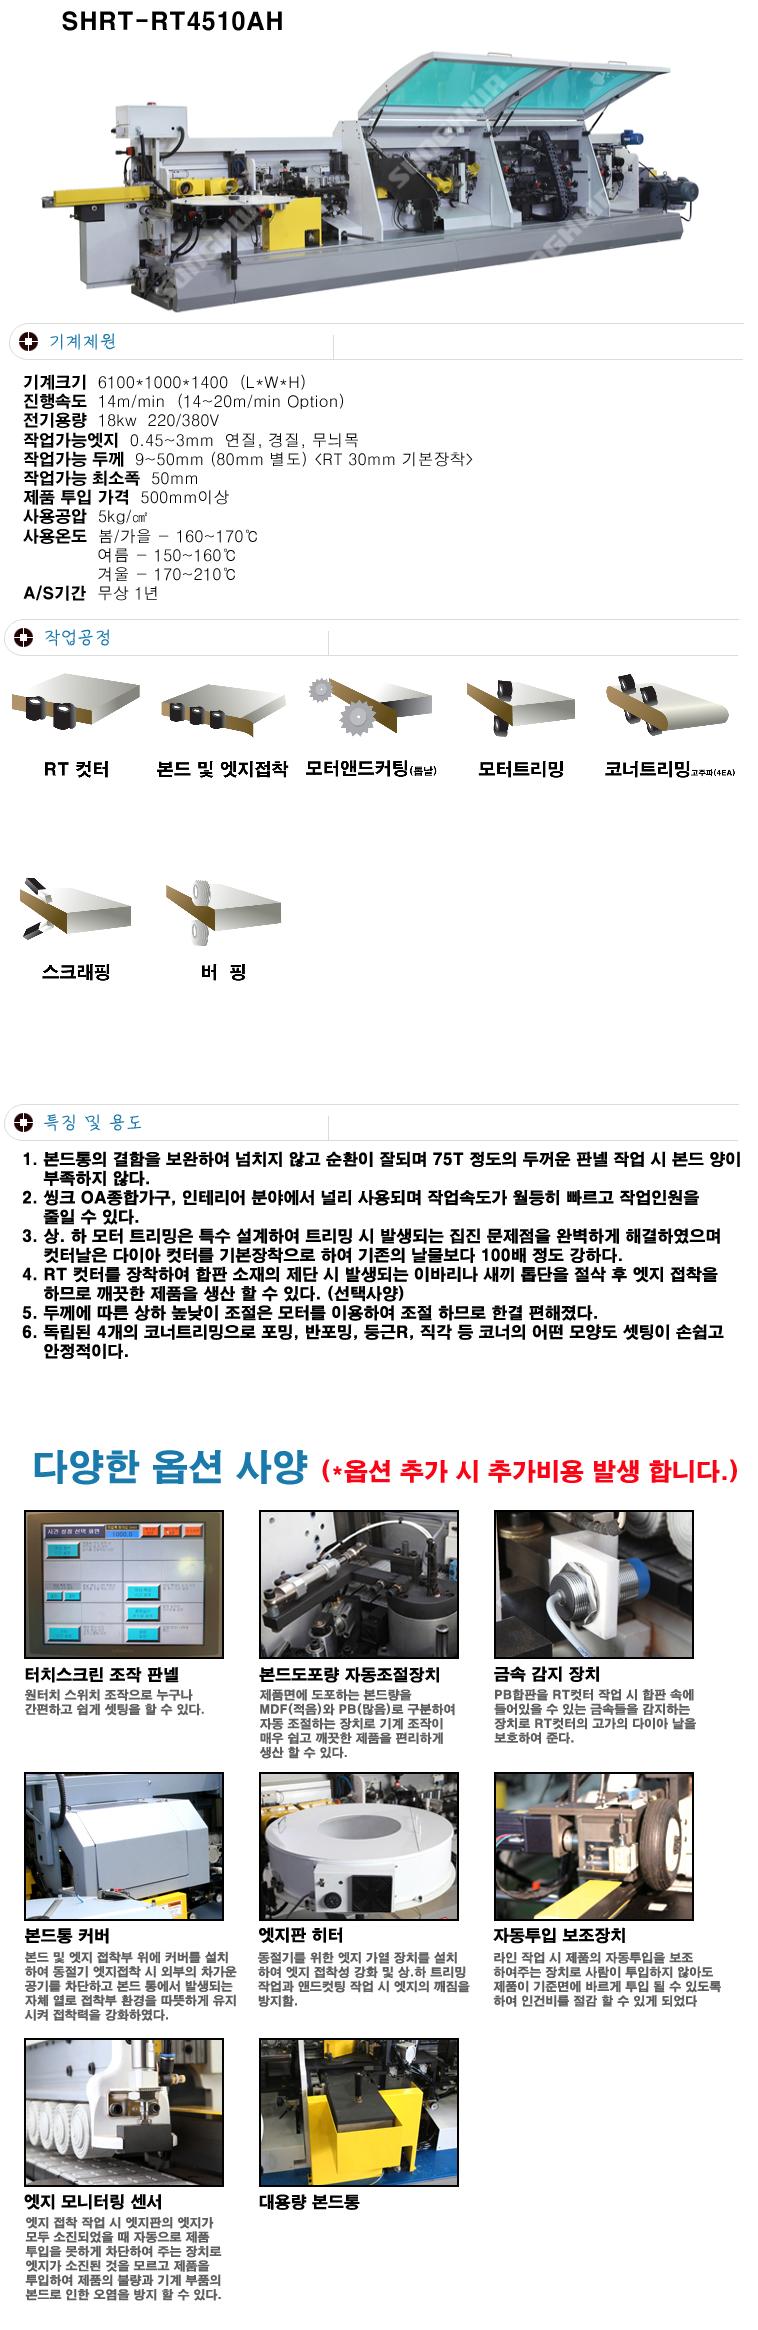 (주)성화우드라인 코너트리밍 엣지밴딩기 SHRT-RT4510AH 1